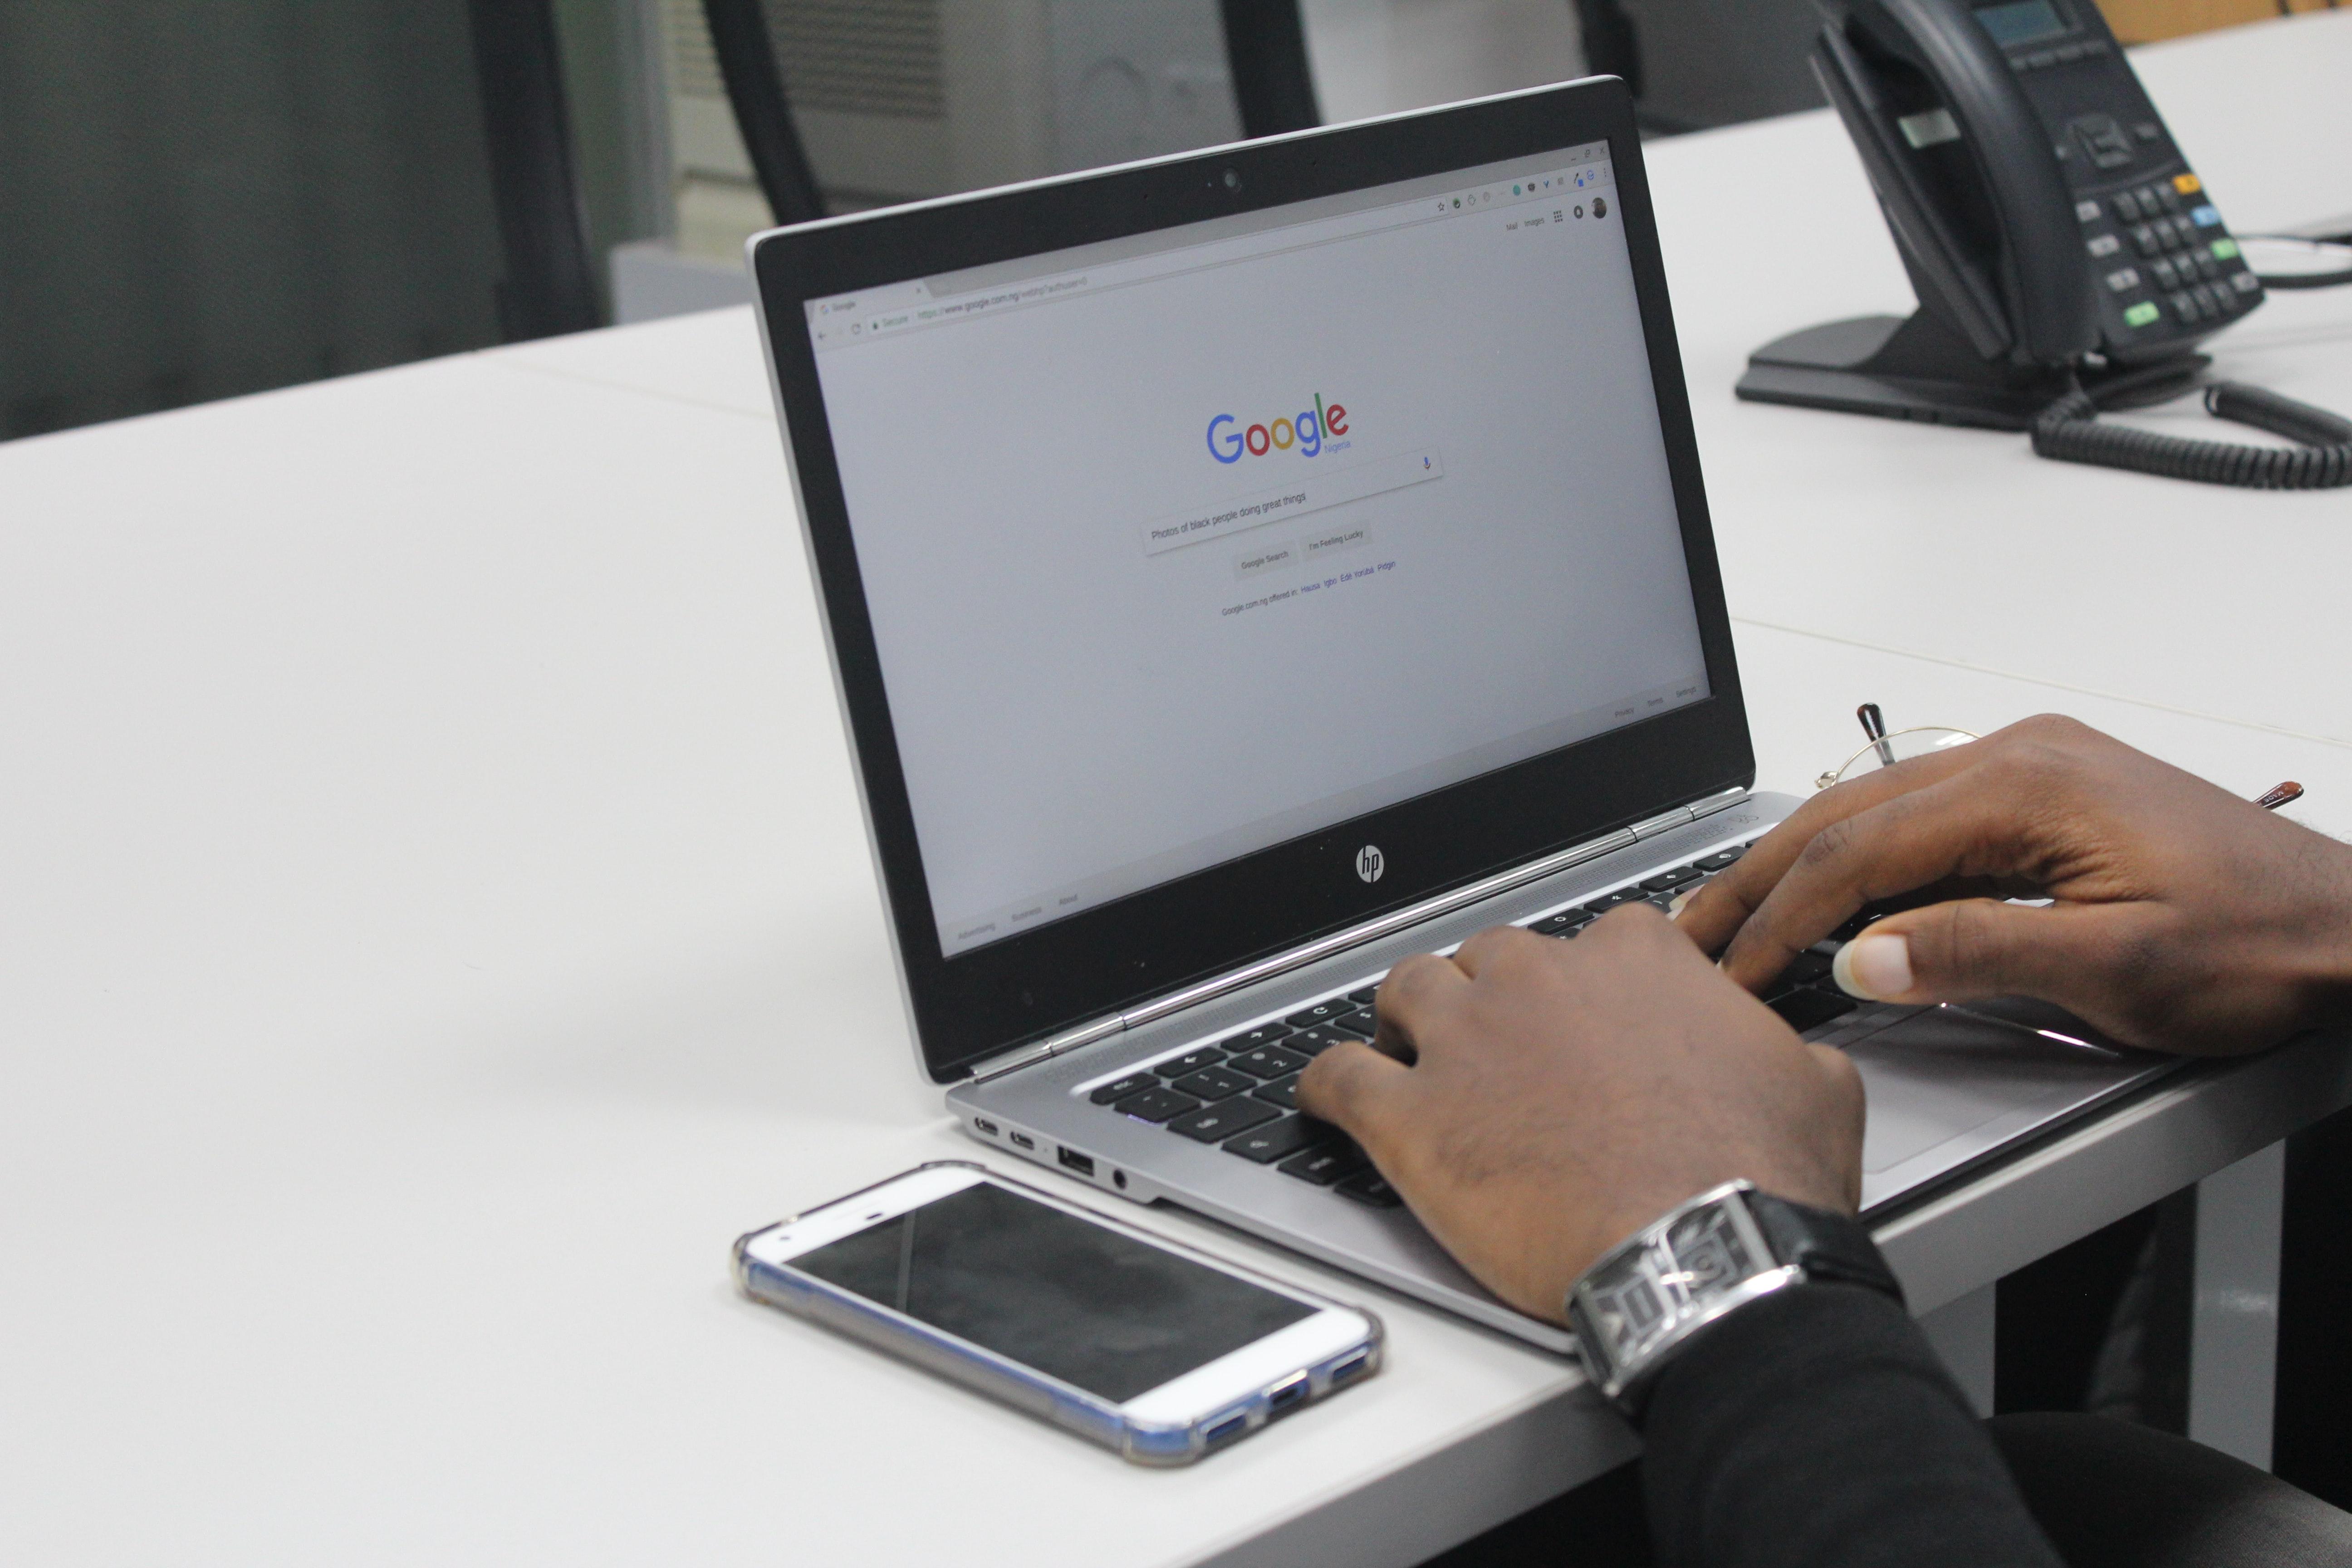 ordinateur portable main homme smartphone